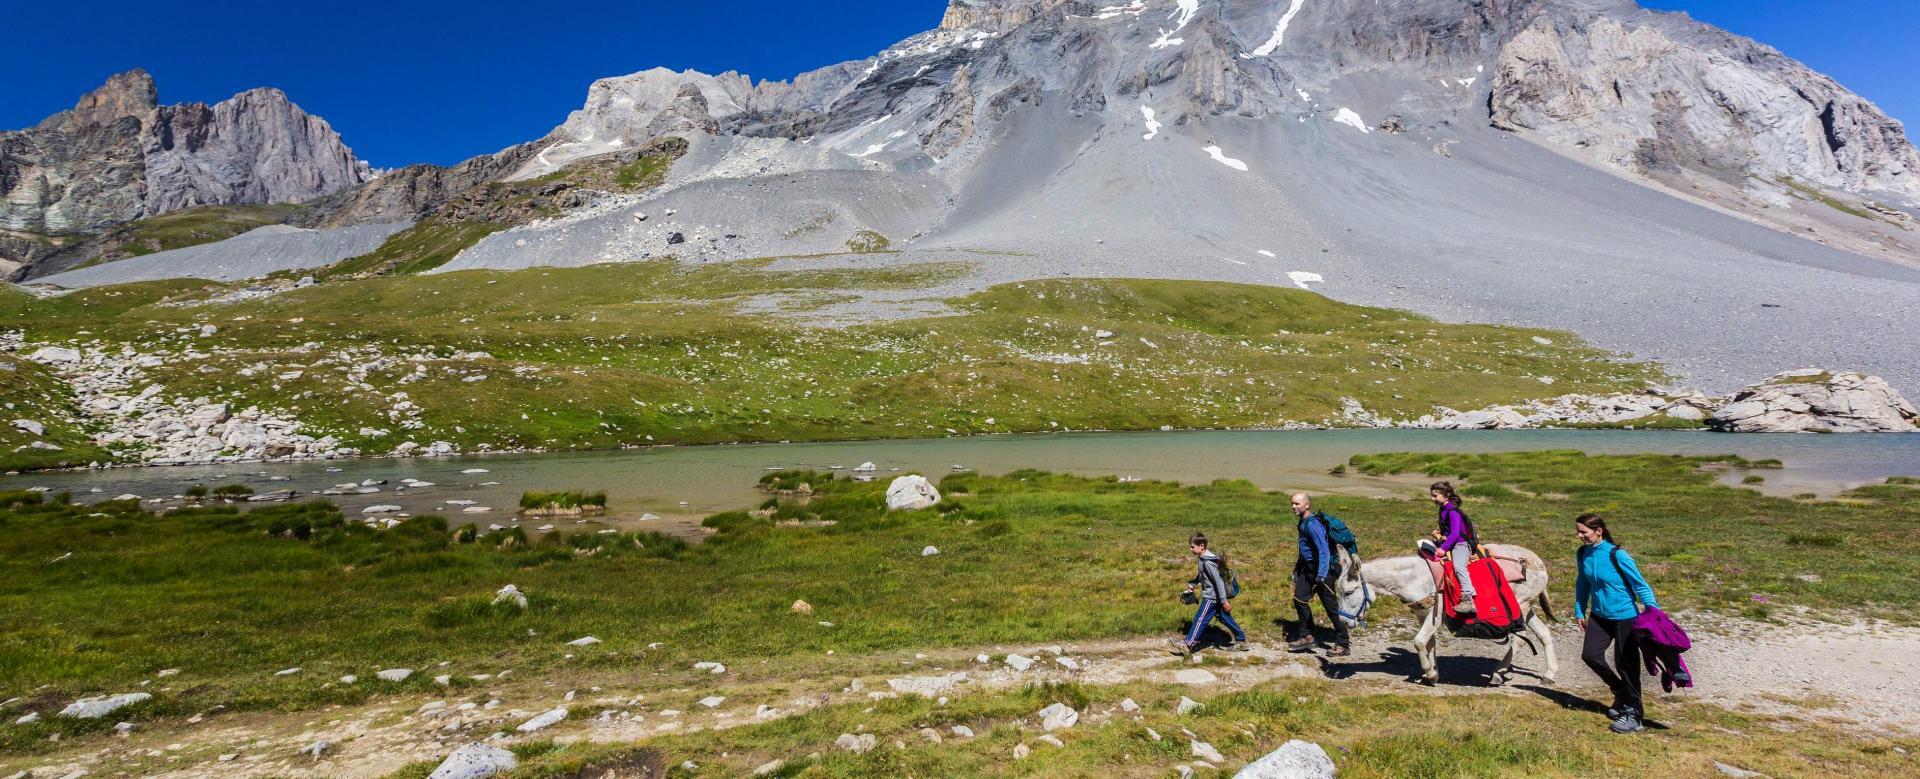 Voyage avec des animaux Italie : Hi-han au mont-blanc : deuxième étape